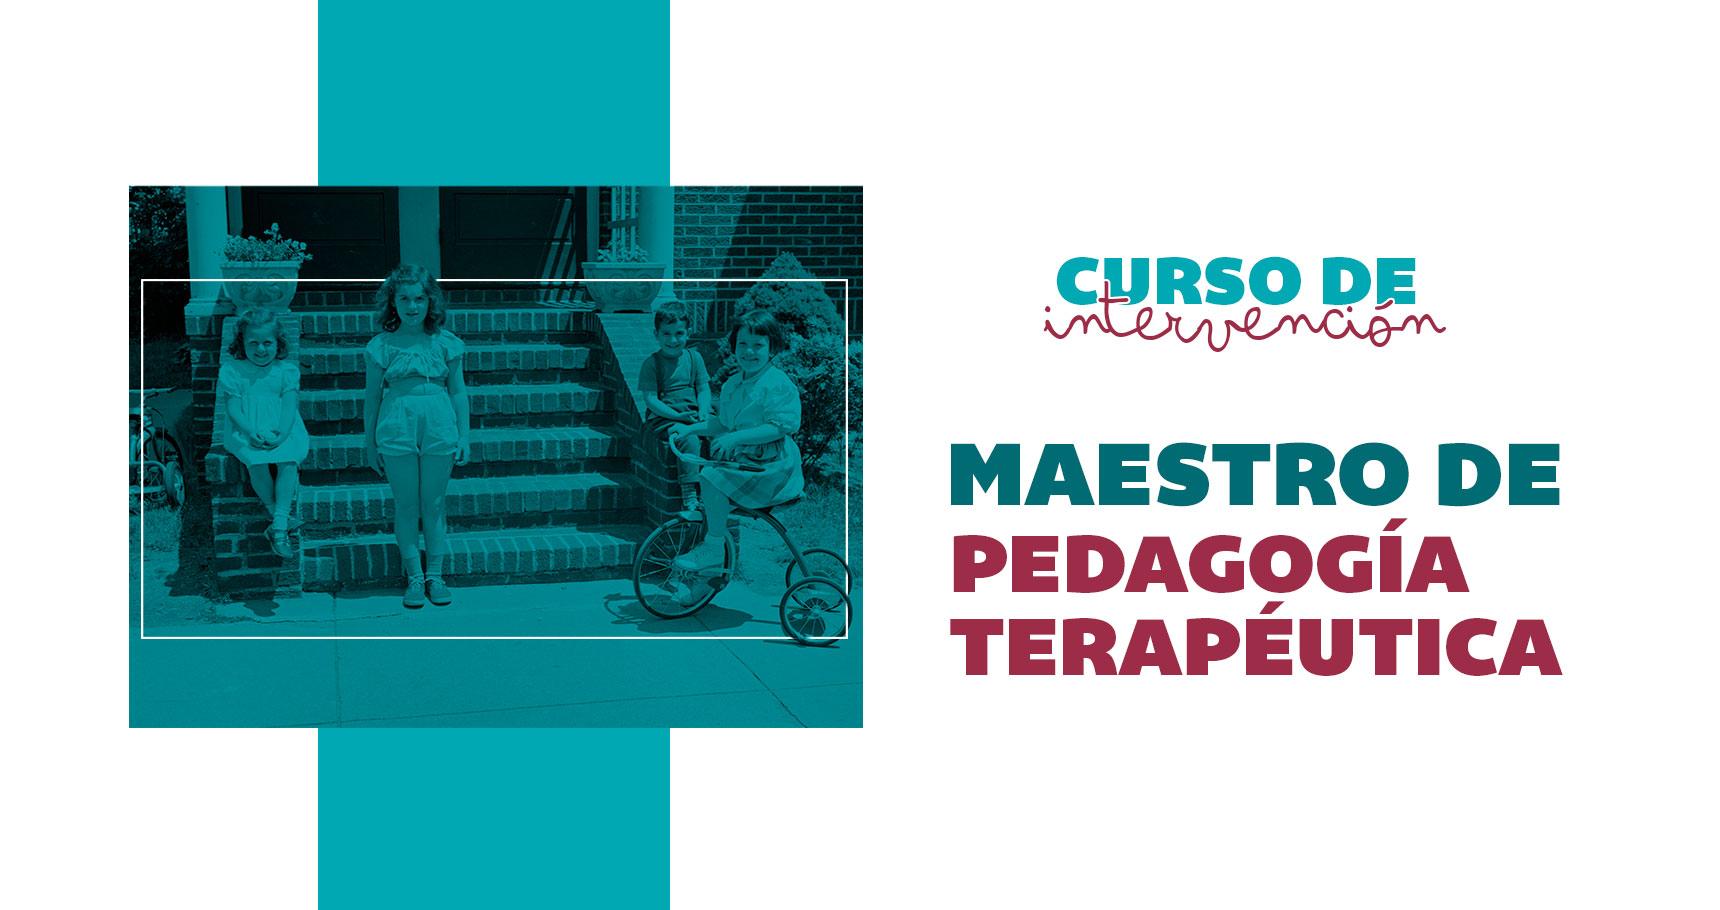 Pupitre_cursos-intervencion-pedagogia-terapeutica-C-portada